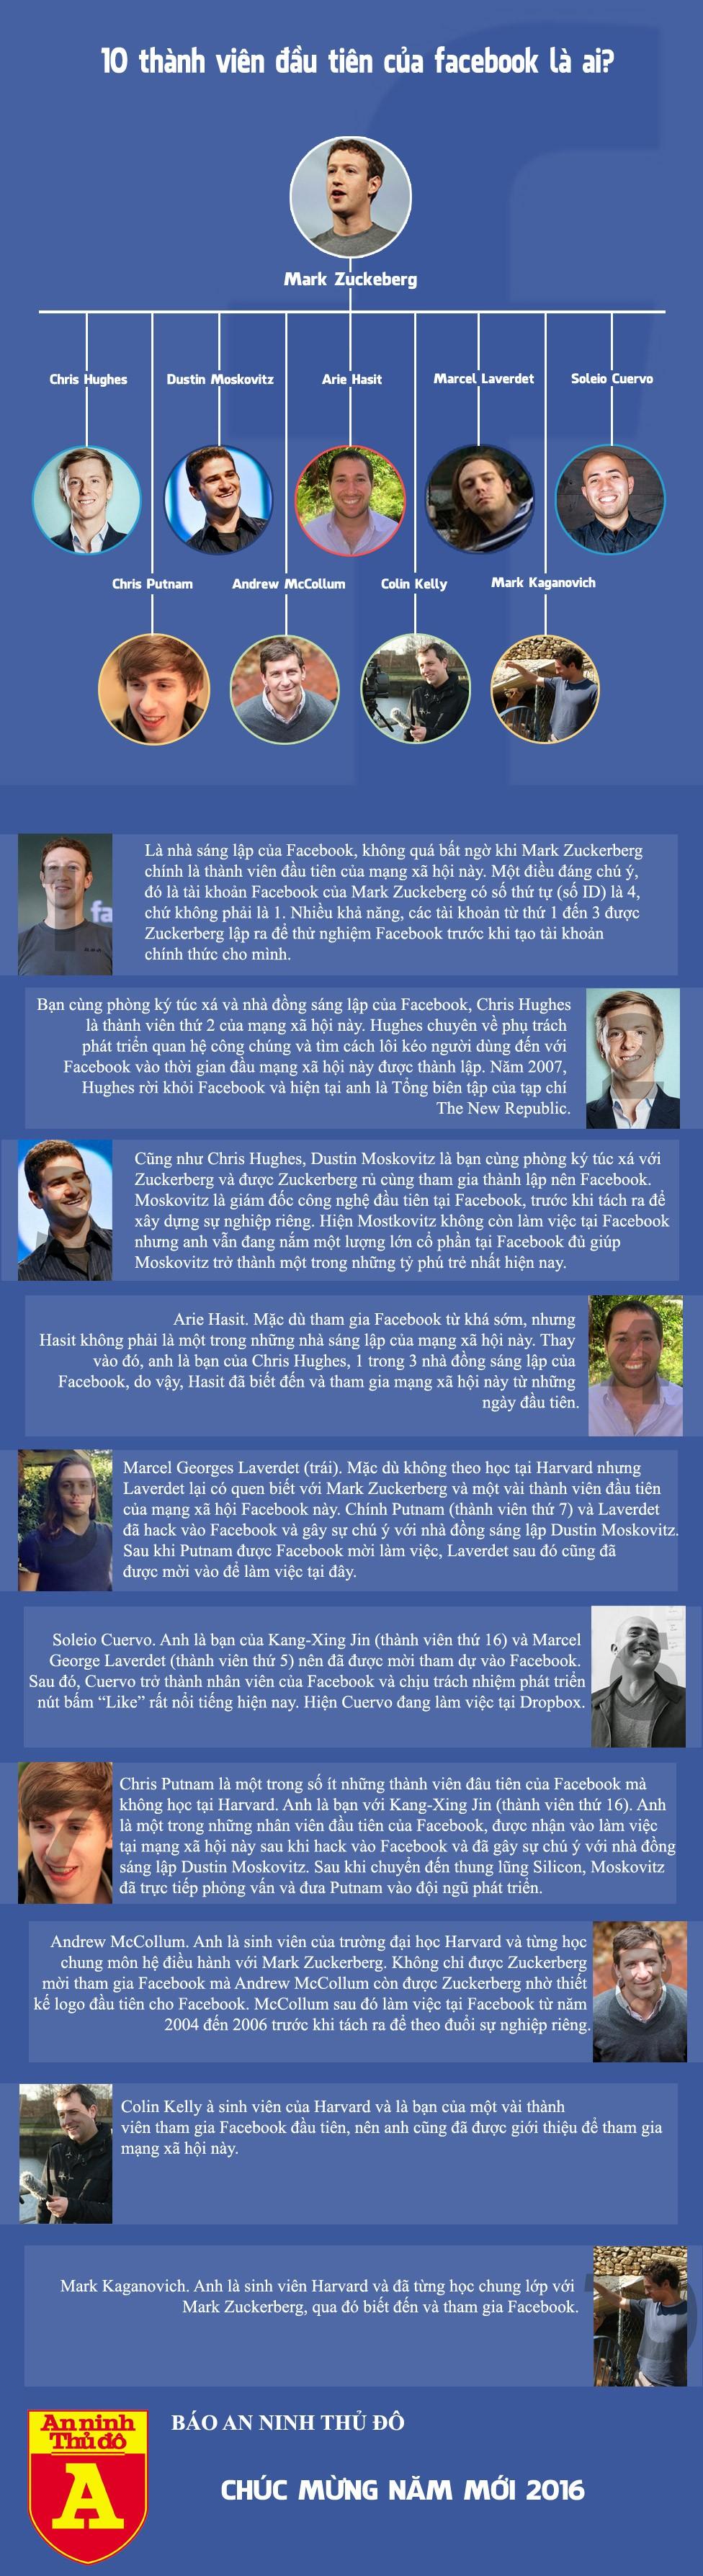 [Infographic] 10 thành viên đầu tiên của Facebook là ai? ảnh 1